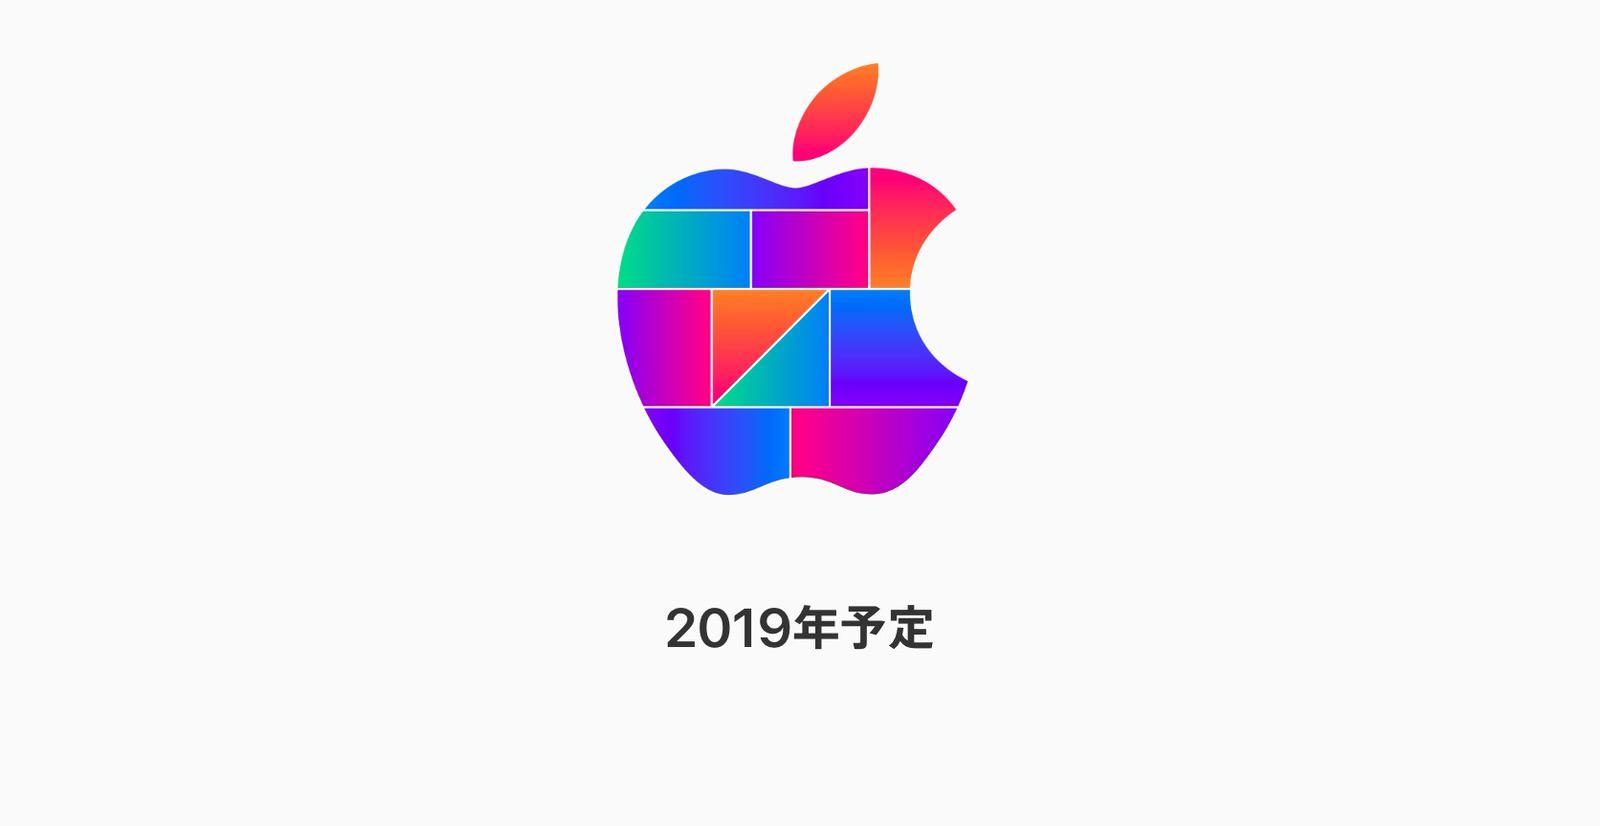 Apple「神奈川県内に新ストアをオープン」が確定、ラゾーナ川崎が最有力候補